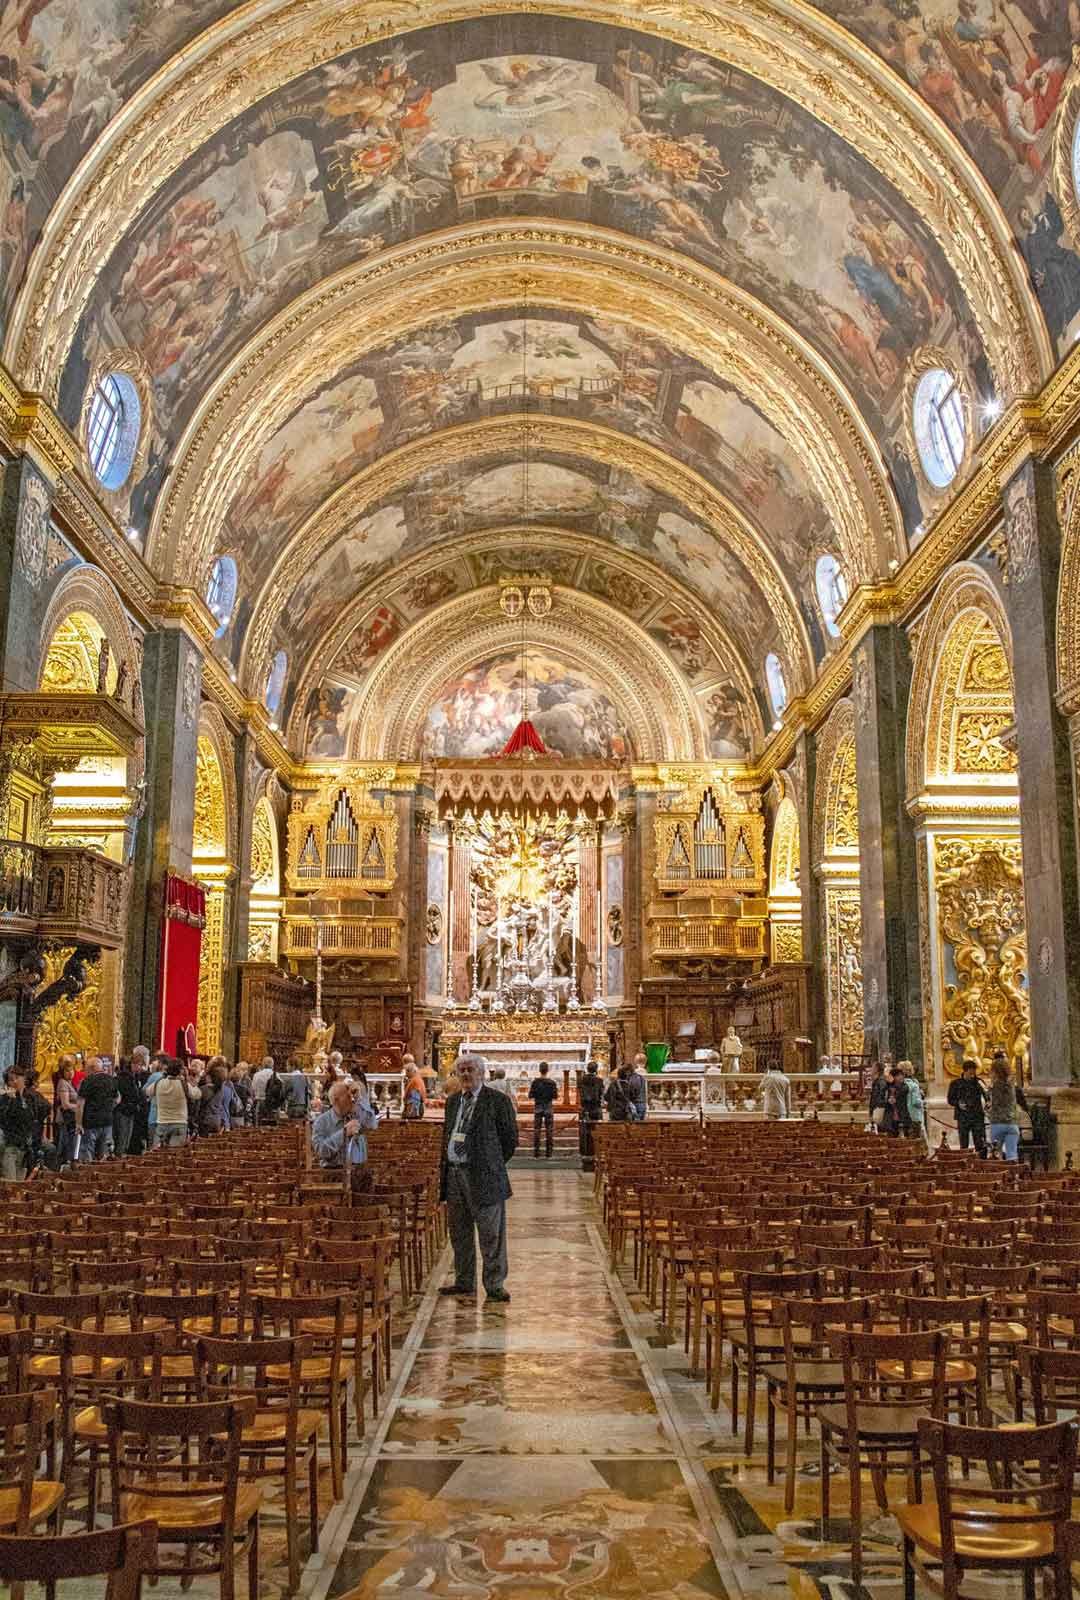 Pyhän Johanneksen katedraalin lattian marmori-intarsiatyöt häikäisevät taidokkuudellaan.